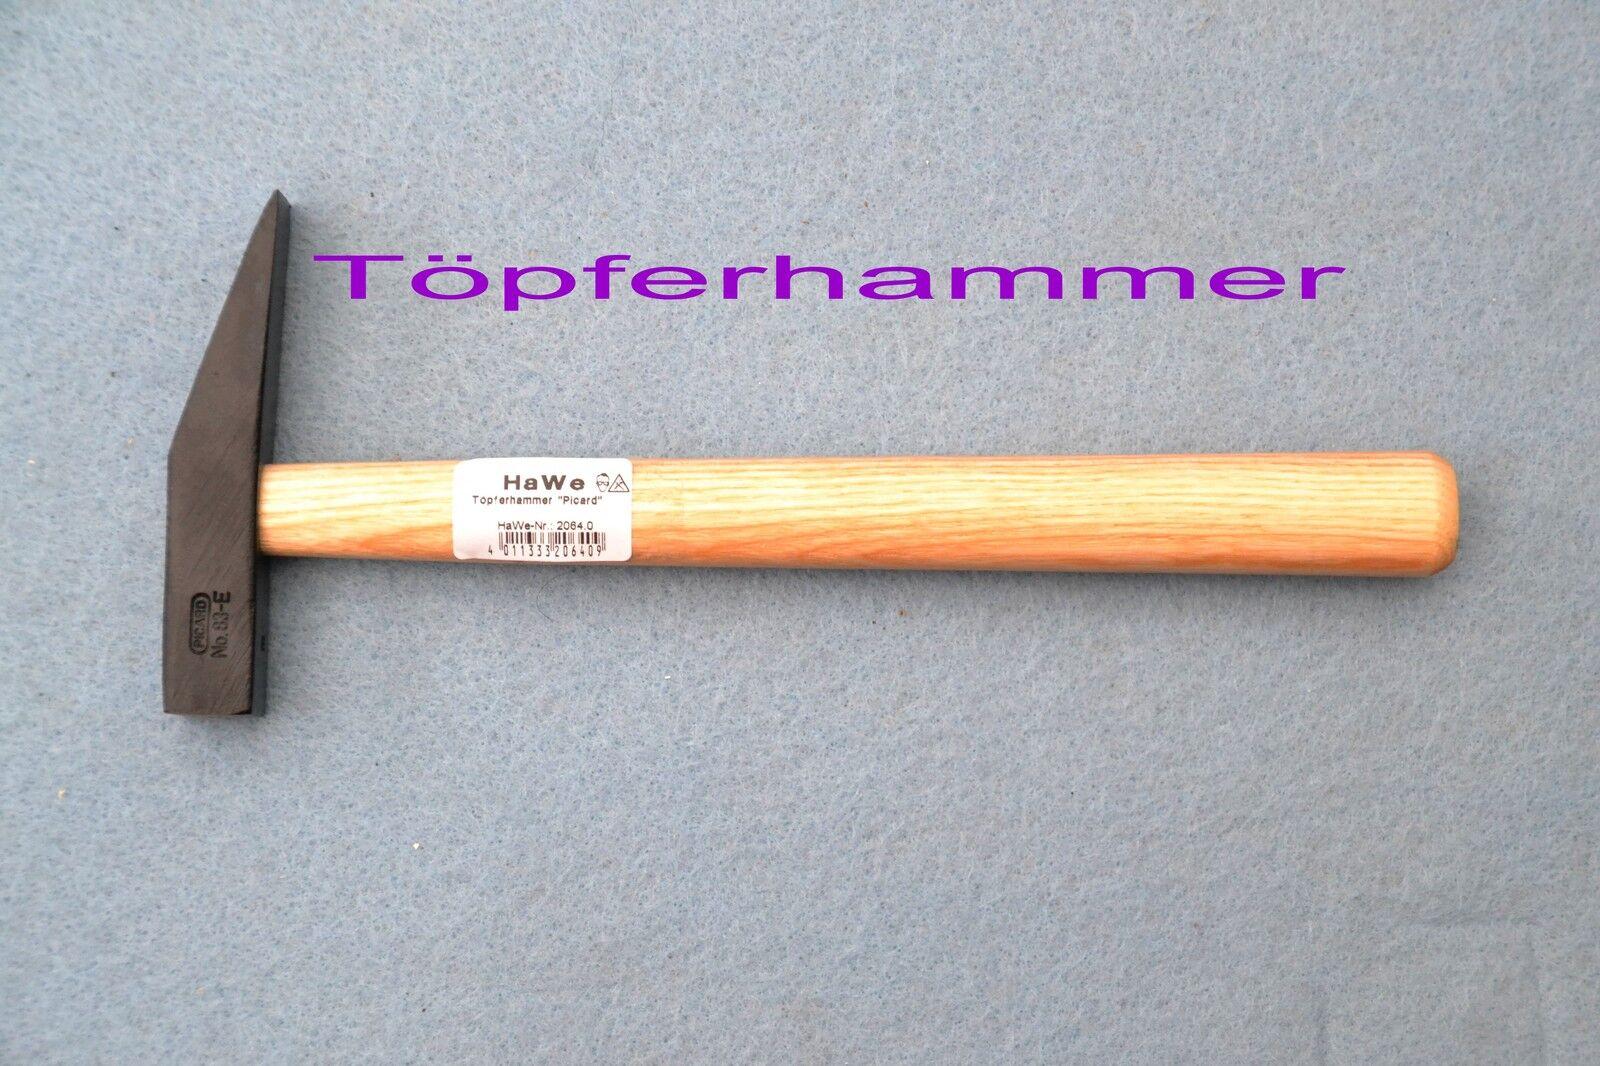 Hammer Töpferhammer Töpferhammer Töpferhammer handgeschmiedet Eschenstiel Spezialhammer | Neuartiges Design  | Ausgezeichnet (in) Qualität  | Verschiedene Stile und Stile  | Niedrige Kosten  57aea1